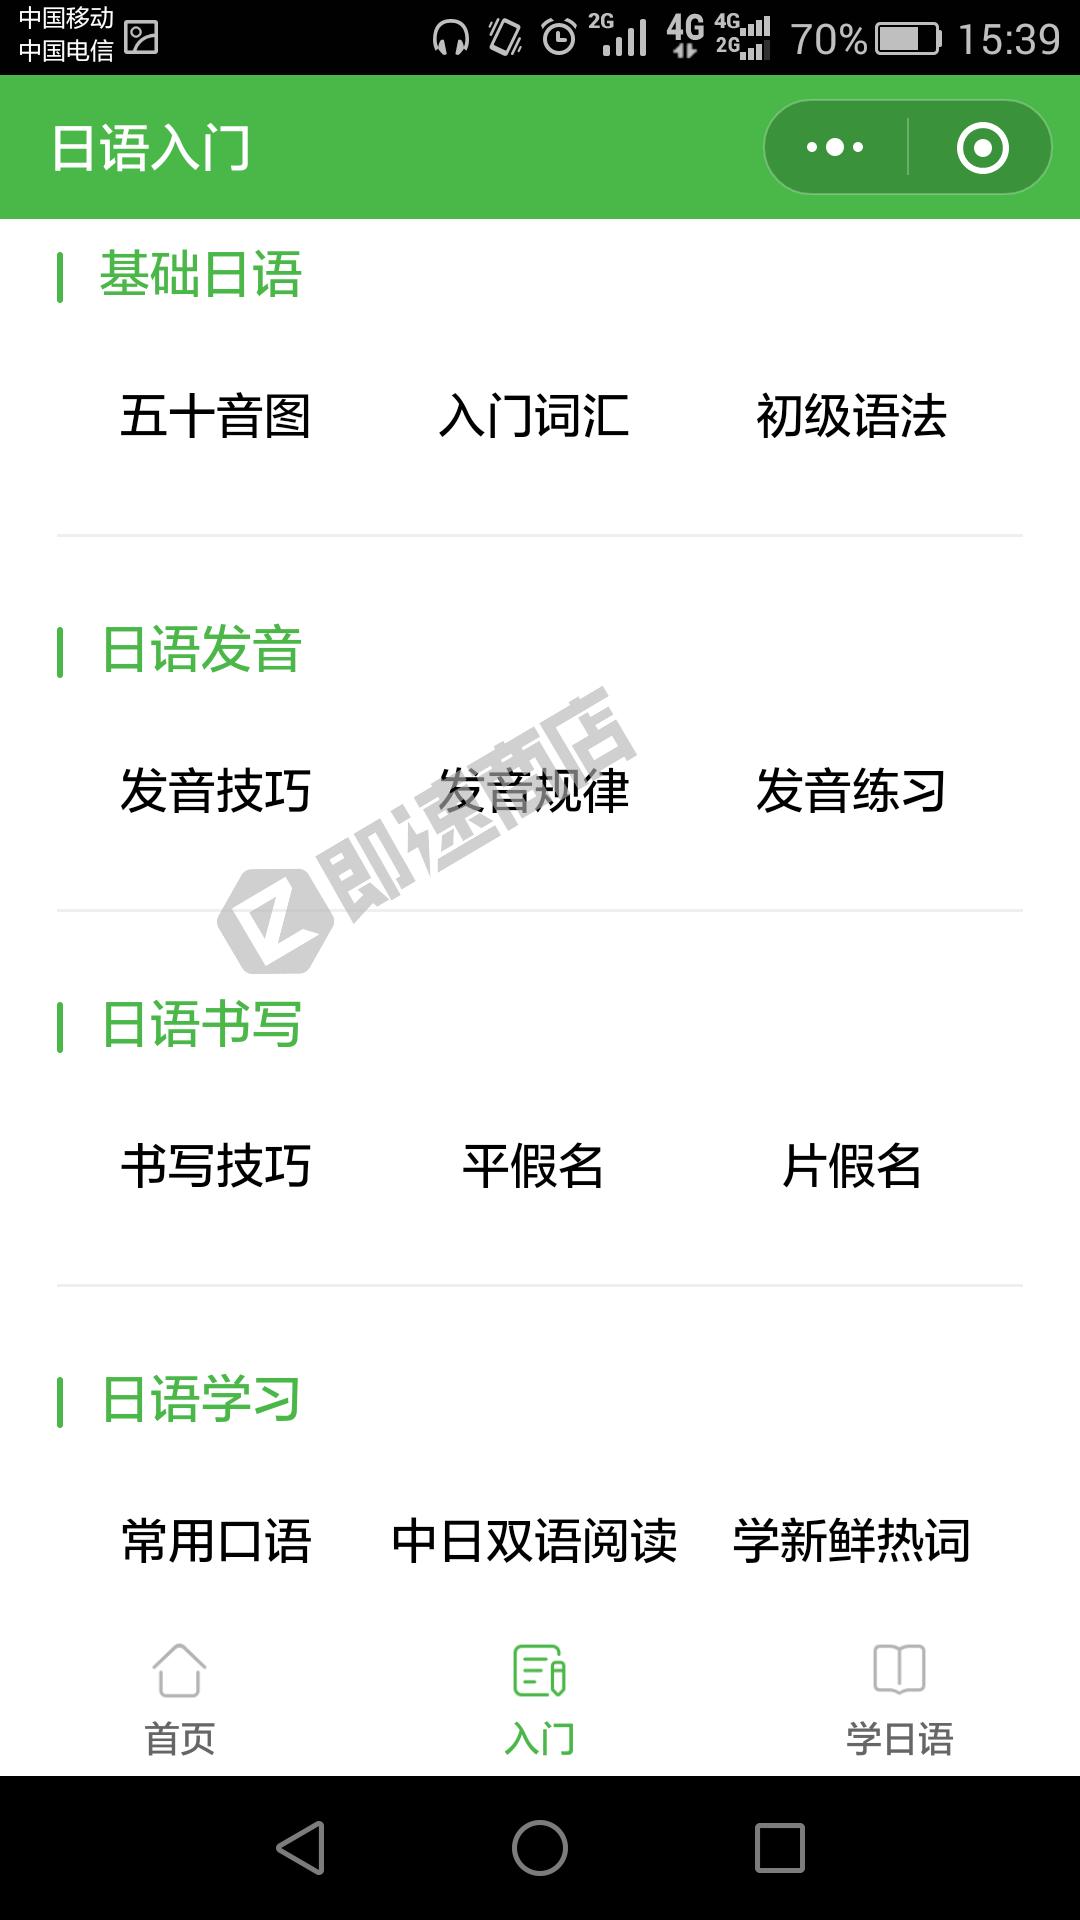 日语入门学习资料小程序详情页截图